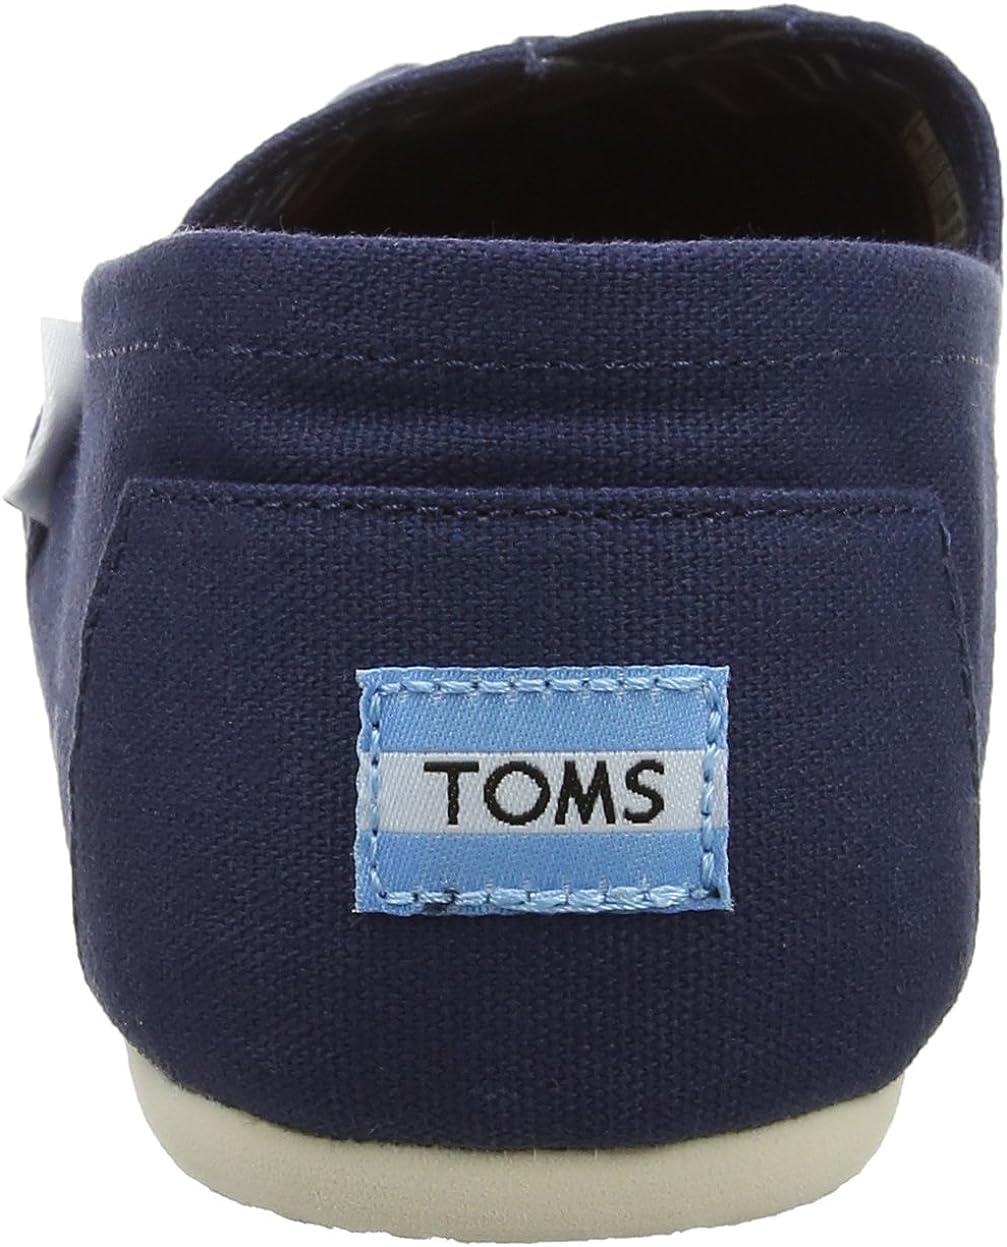 TOMS Men's Espadrilles Navy